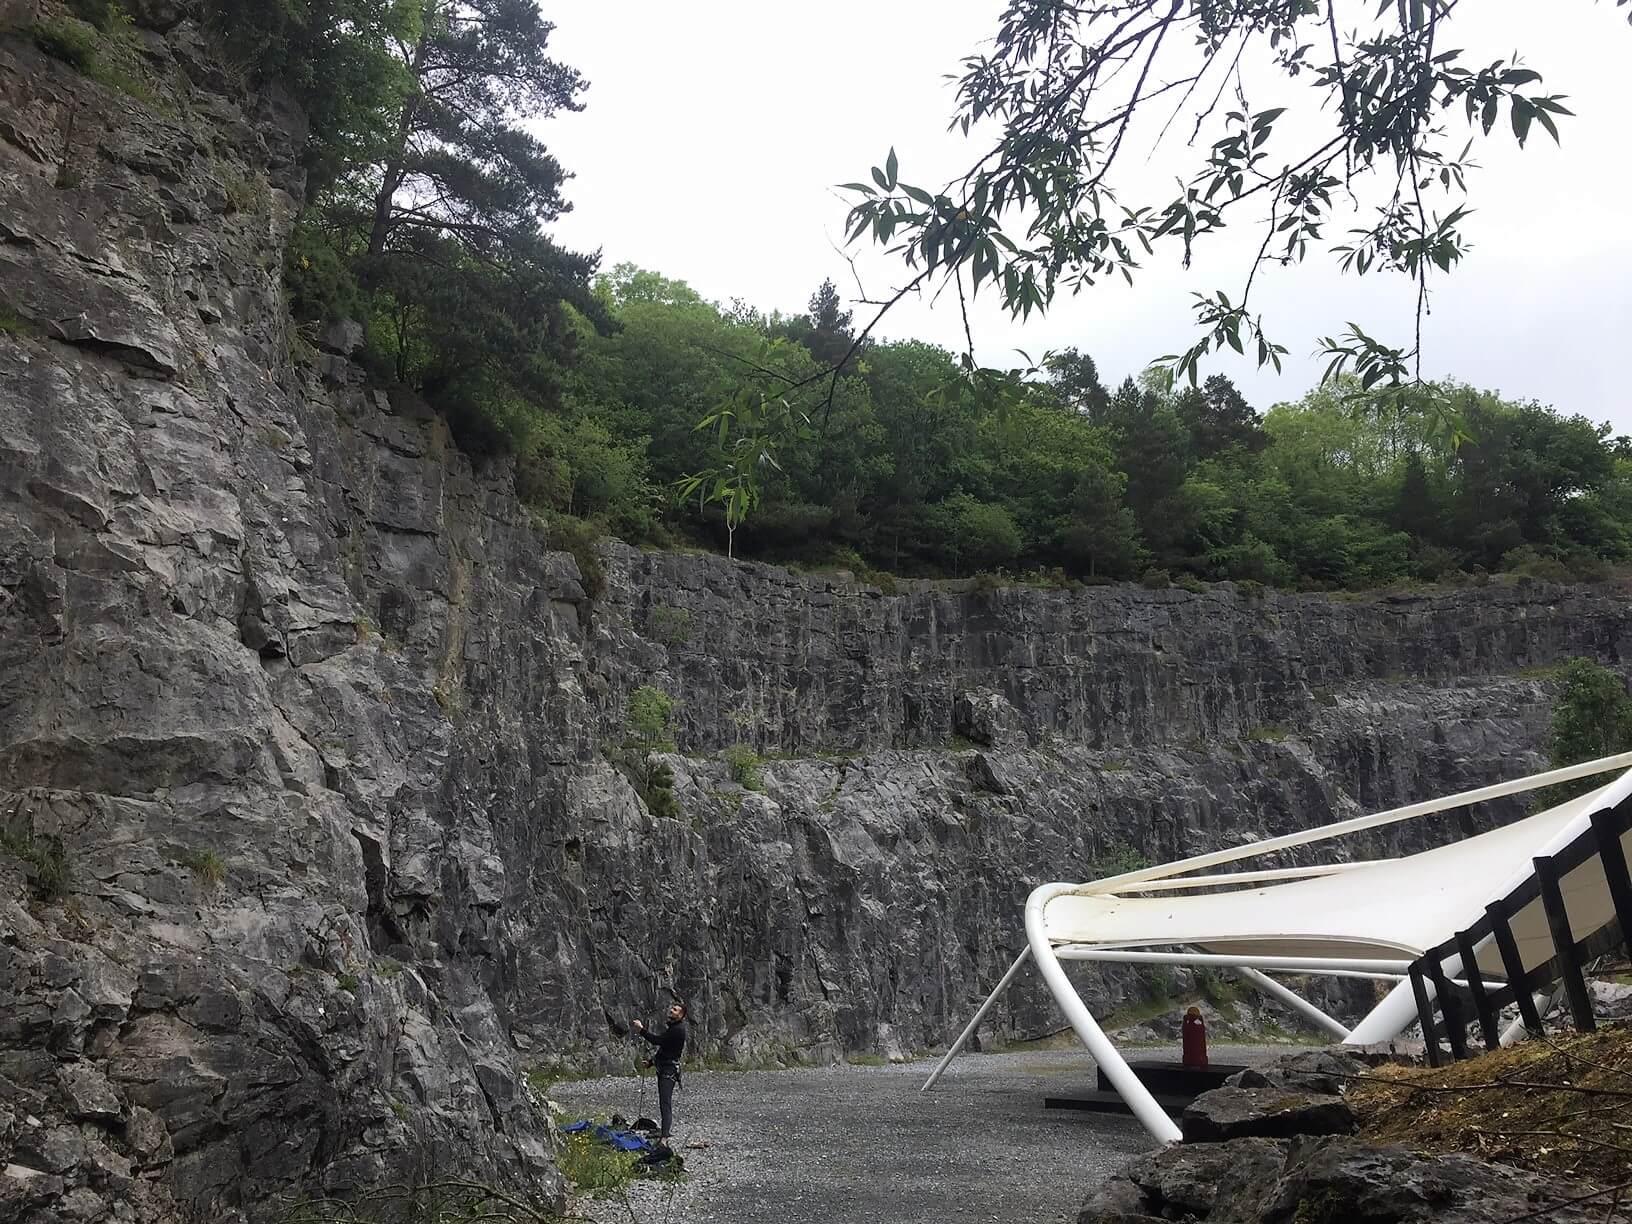 Climbing at Ballykeeffe Quarry